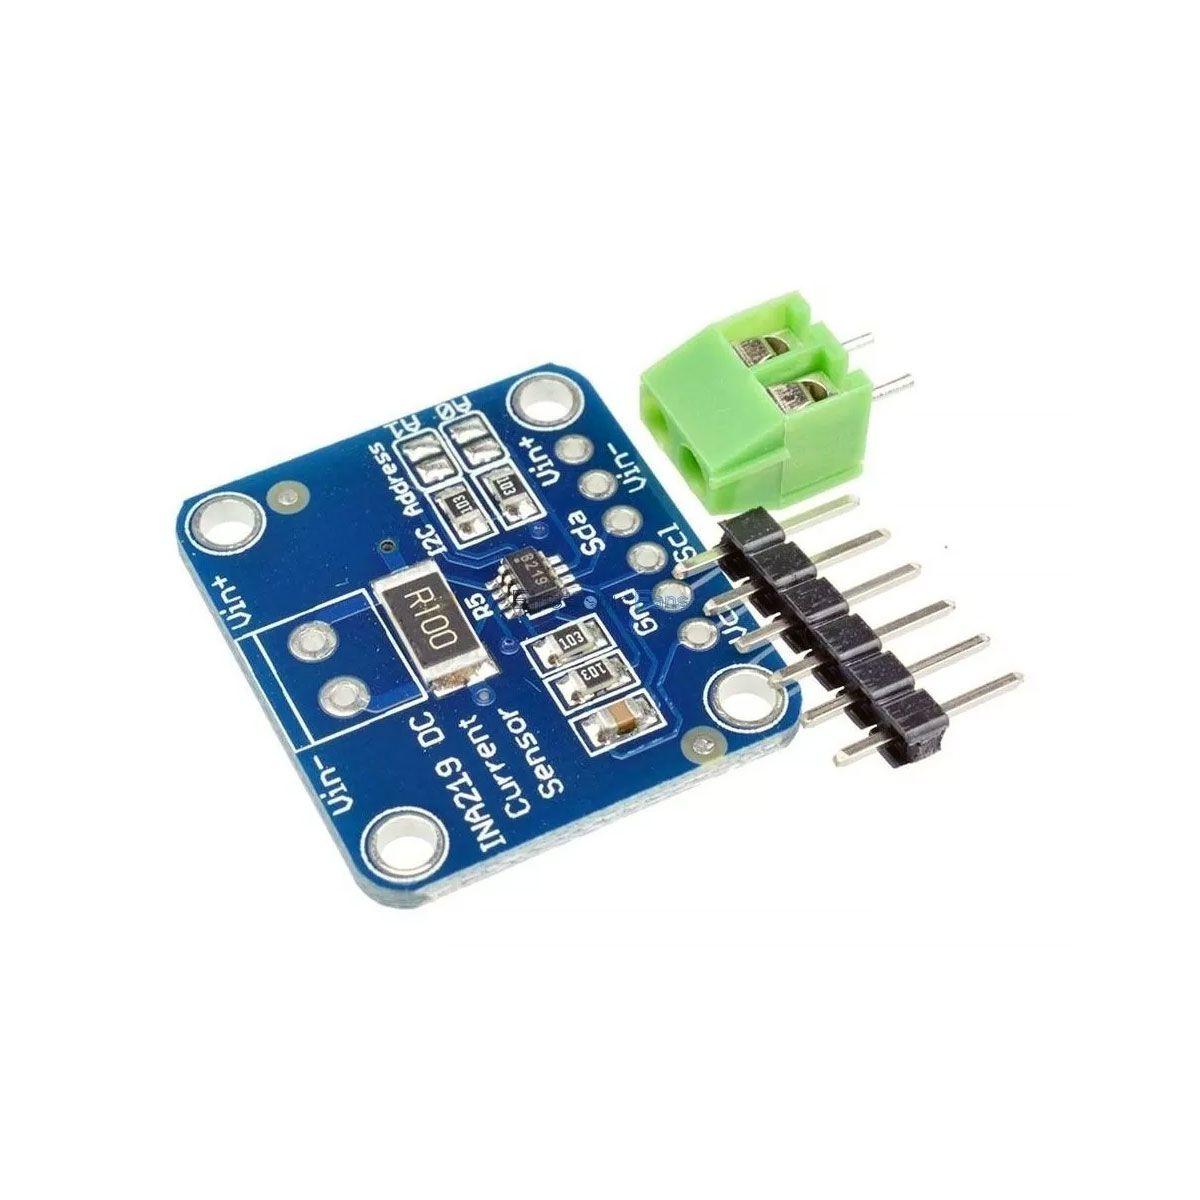 2x Sensor de Corrente DC Alta Precisão - INA219 Comunicação I2C